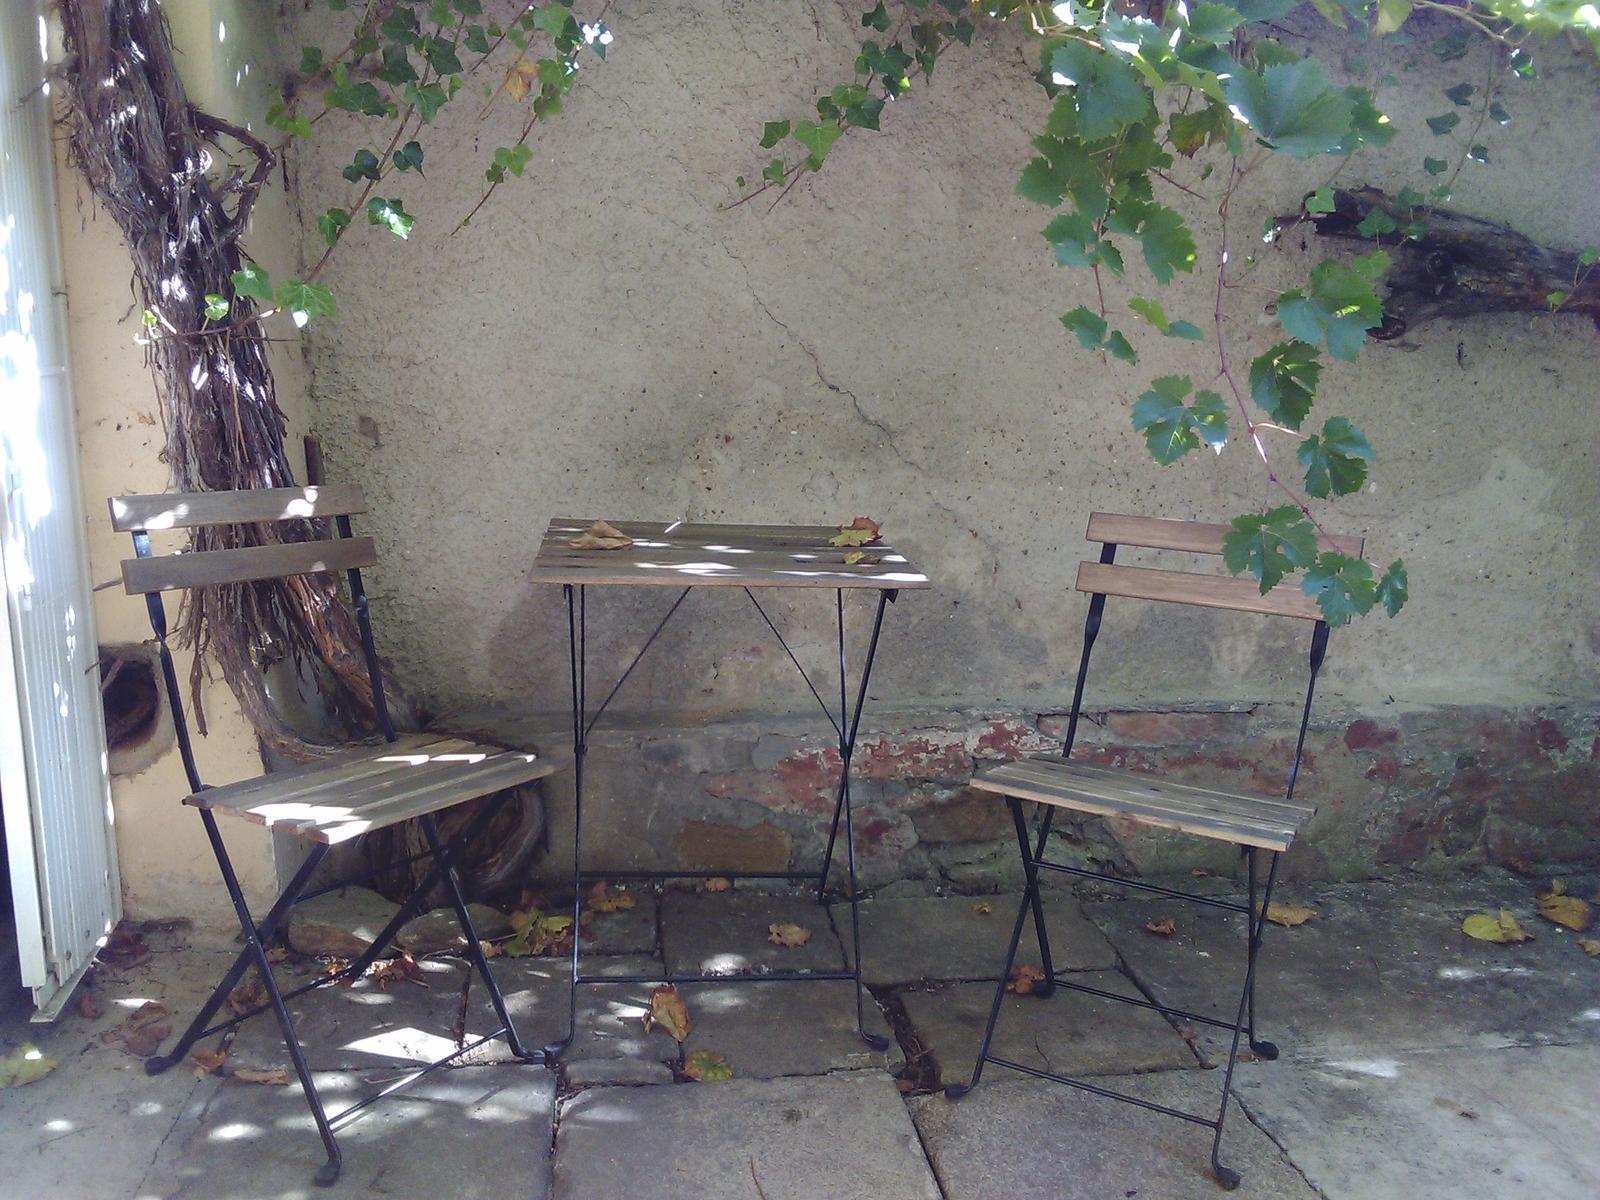 Sladký podzim v mojí kavárně - Obrázek č. 2